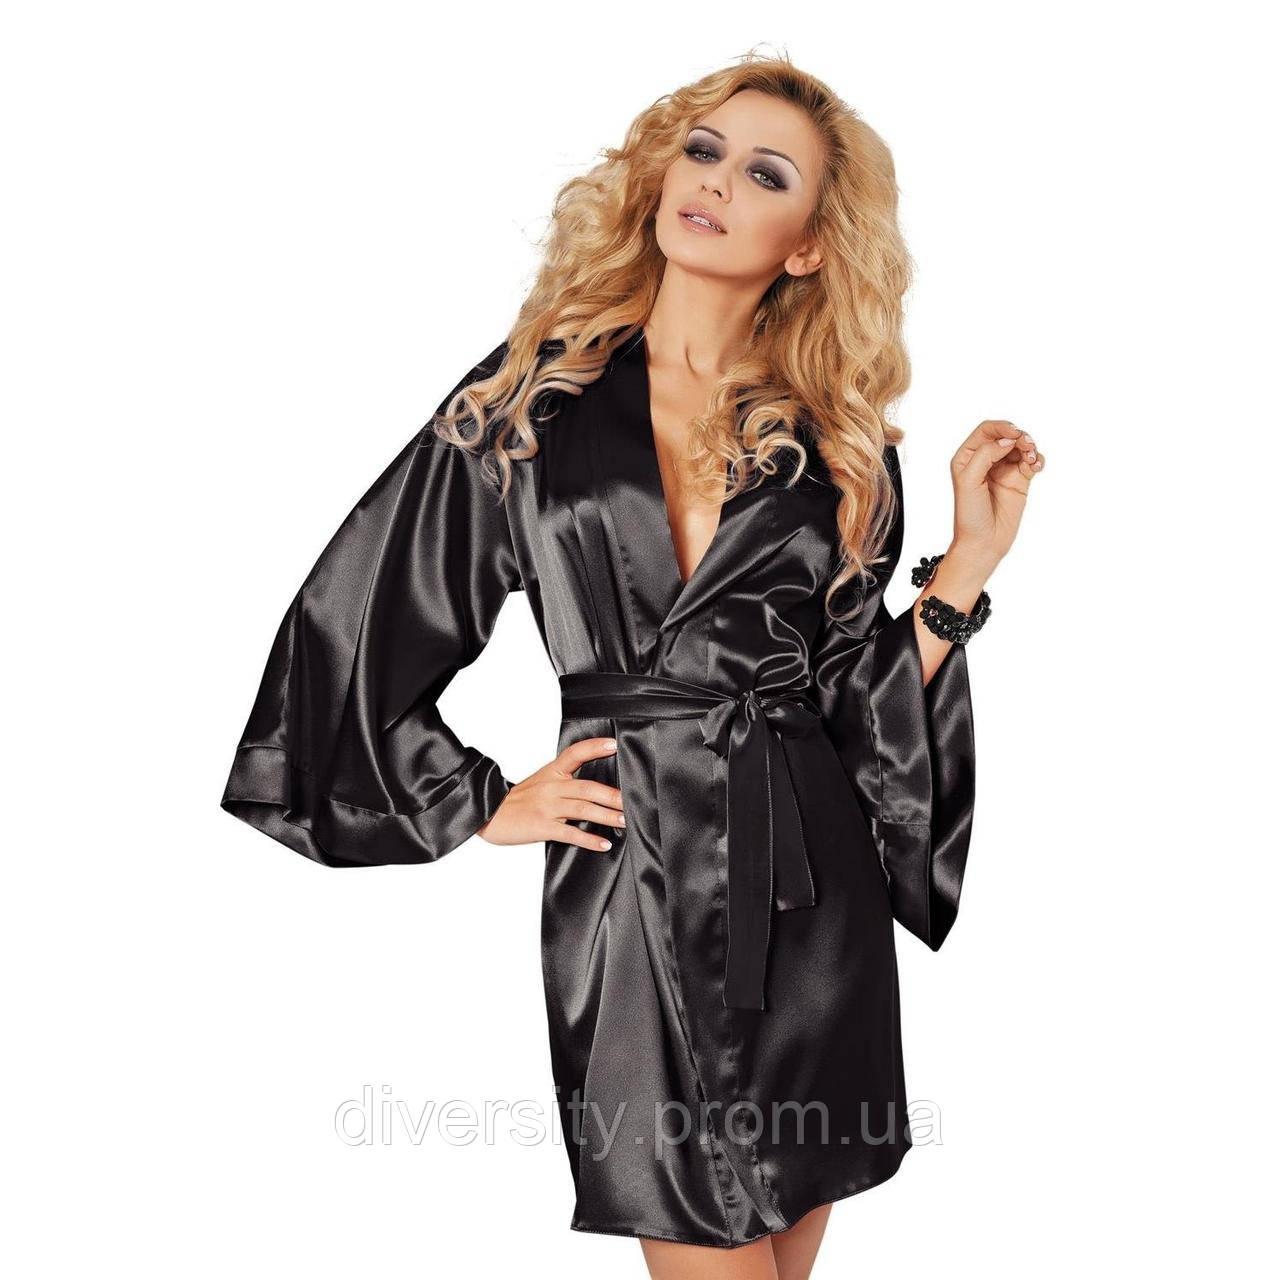 Стильный сатиновый халат Candy DKaren ,XL, черный